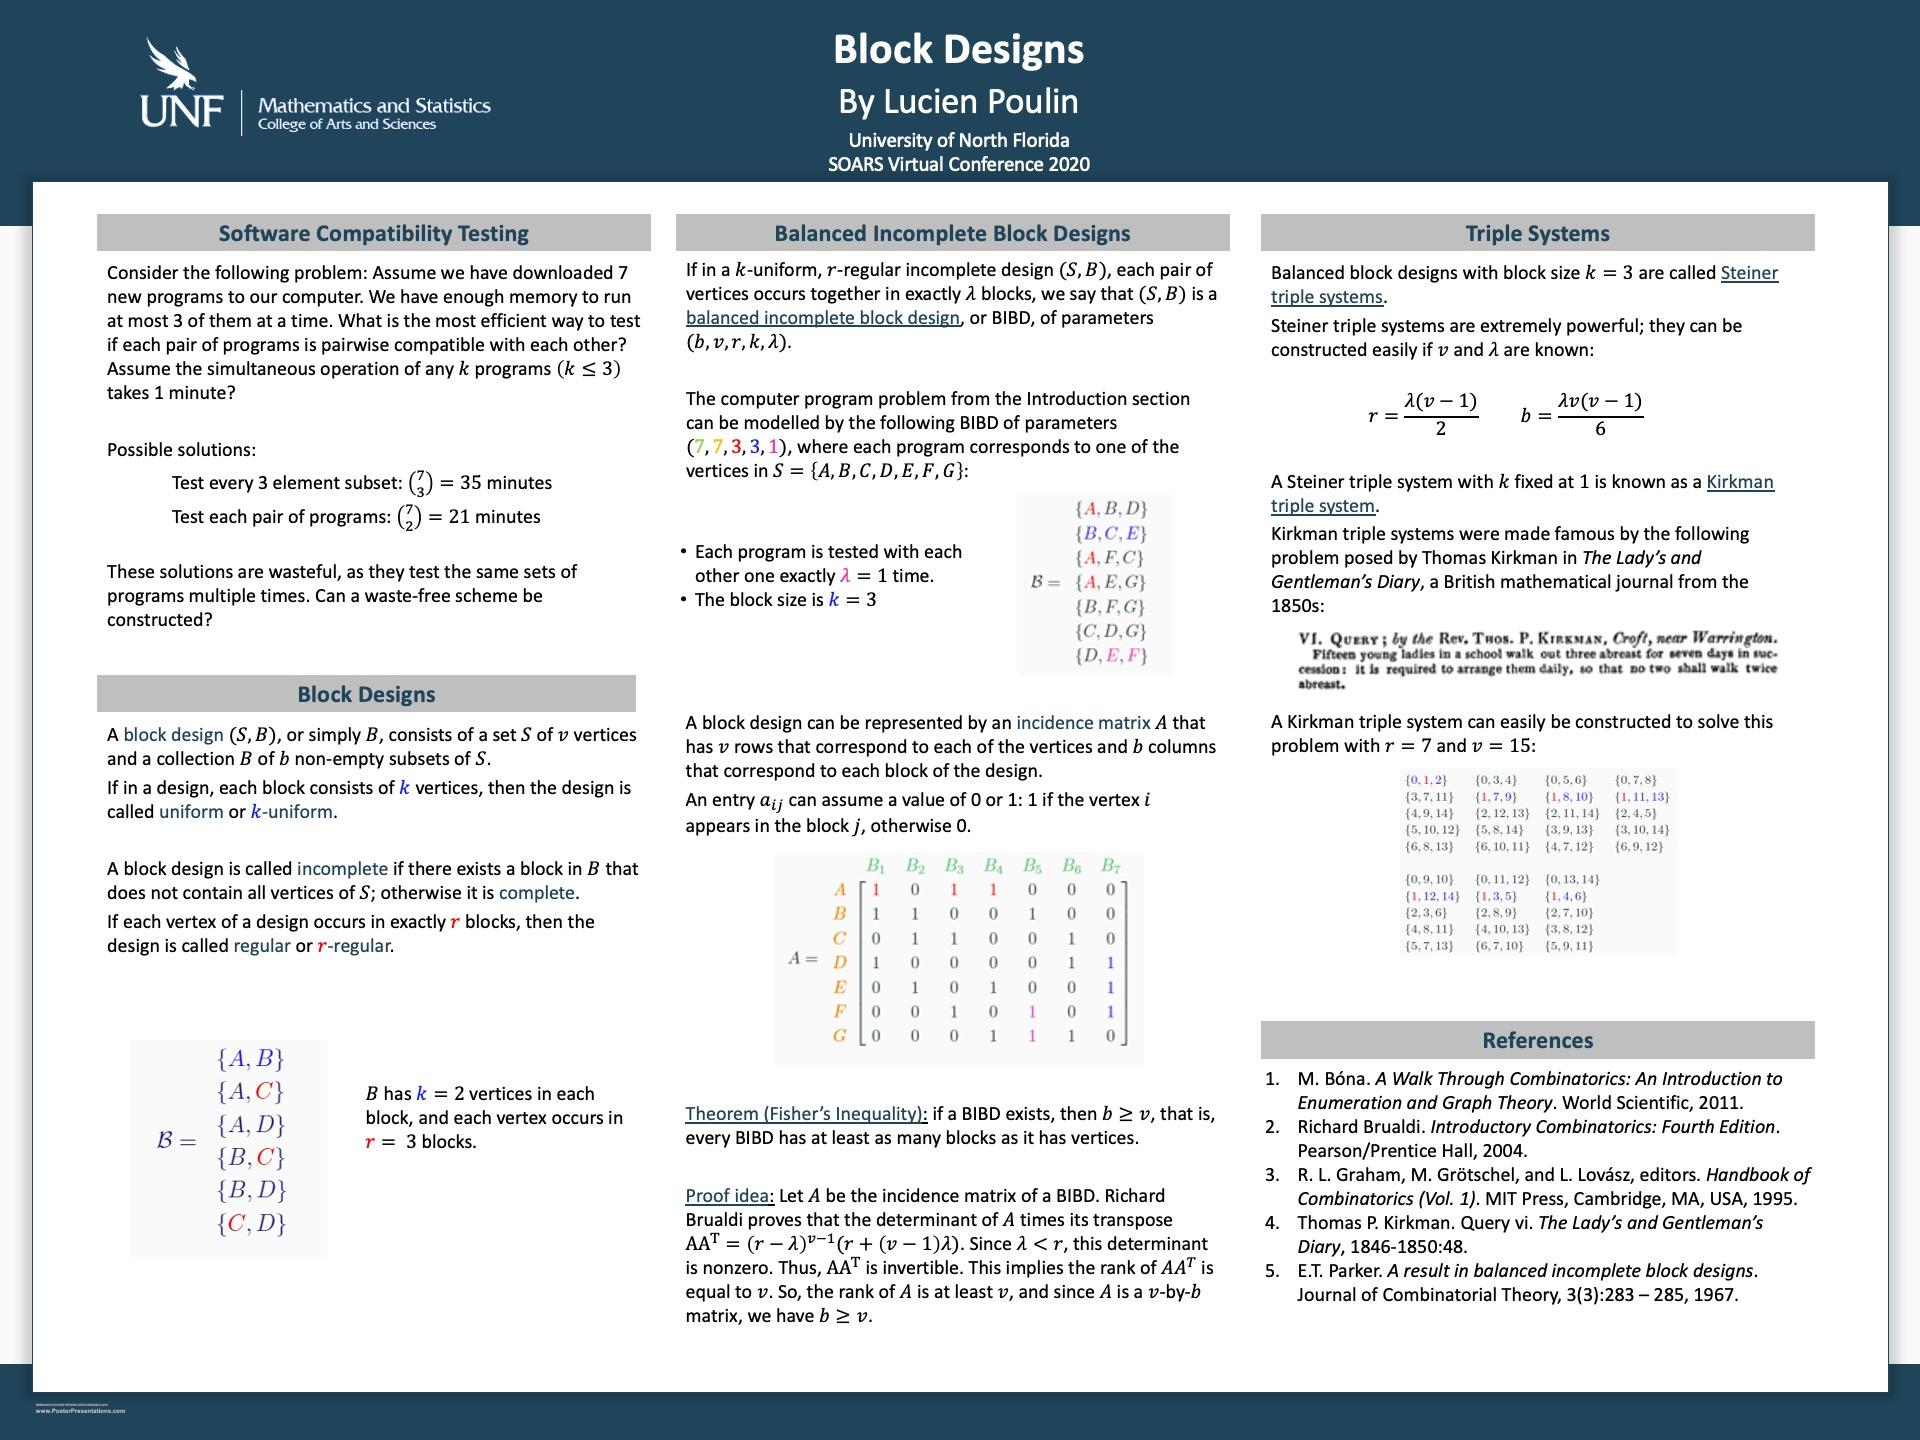 Block Designs poster